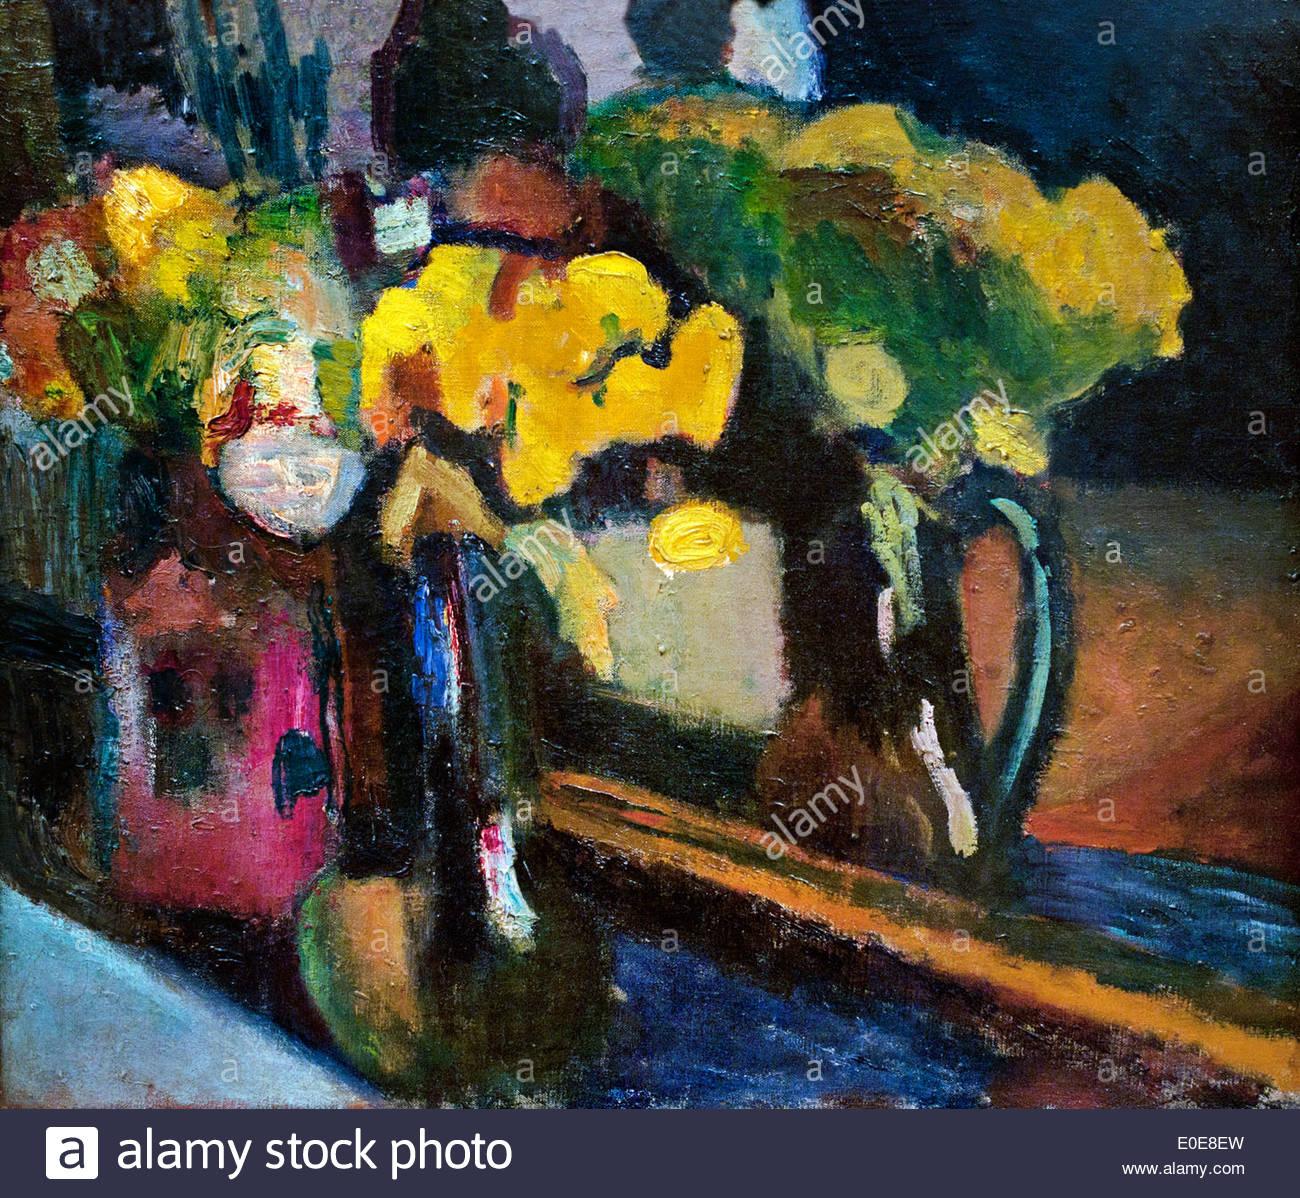 Henri Matisse Painting Stockfotos  Henri Matisse Painting